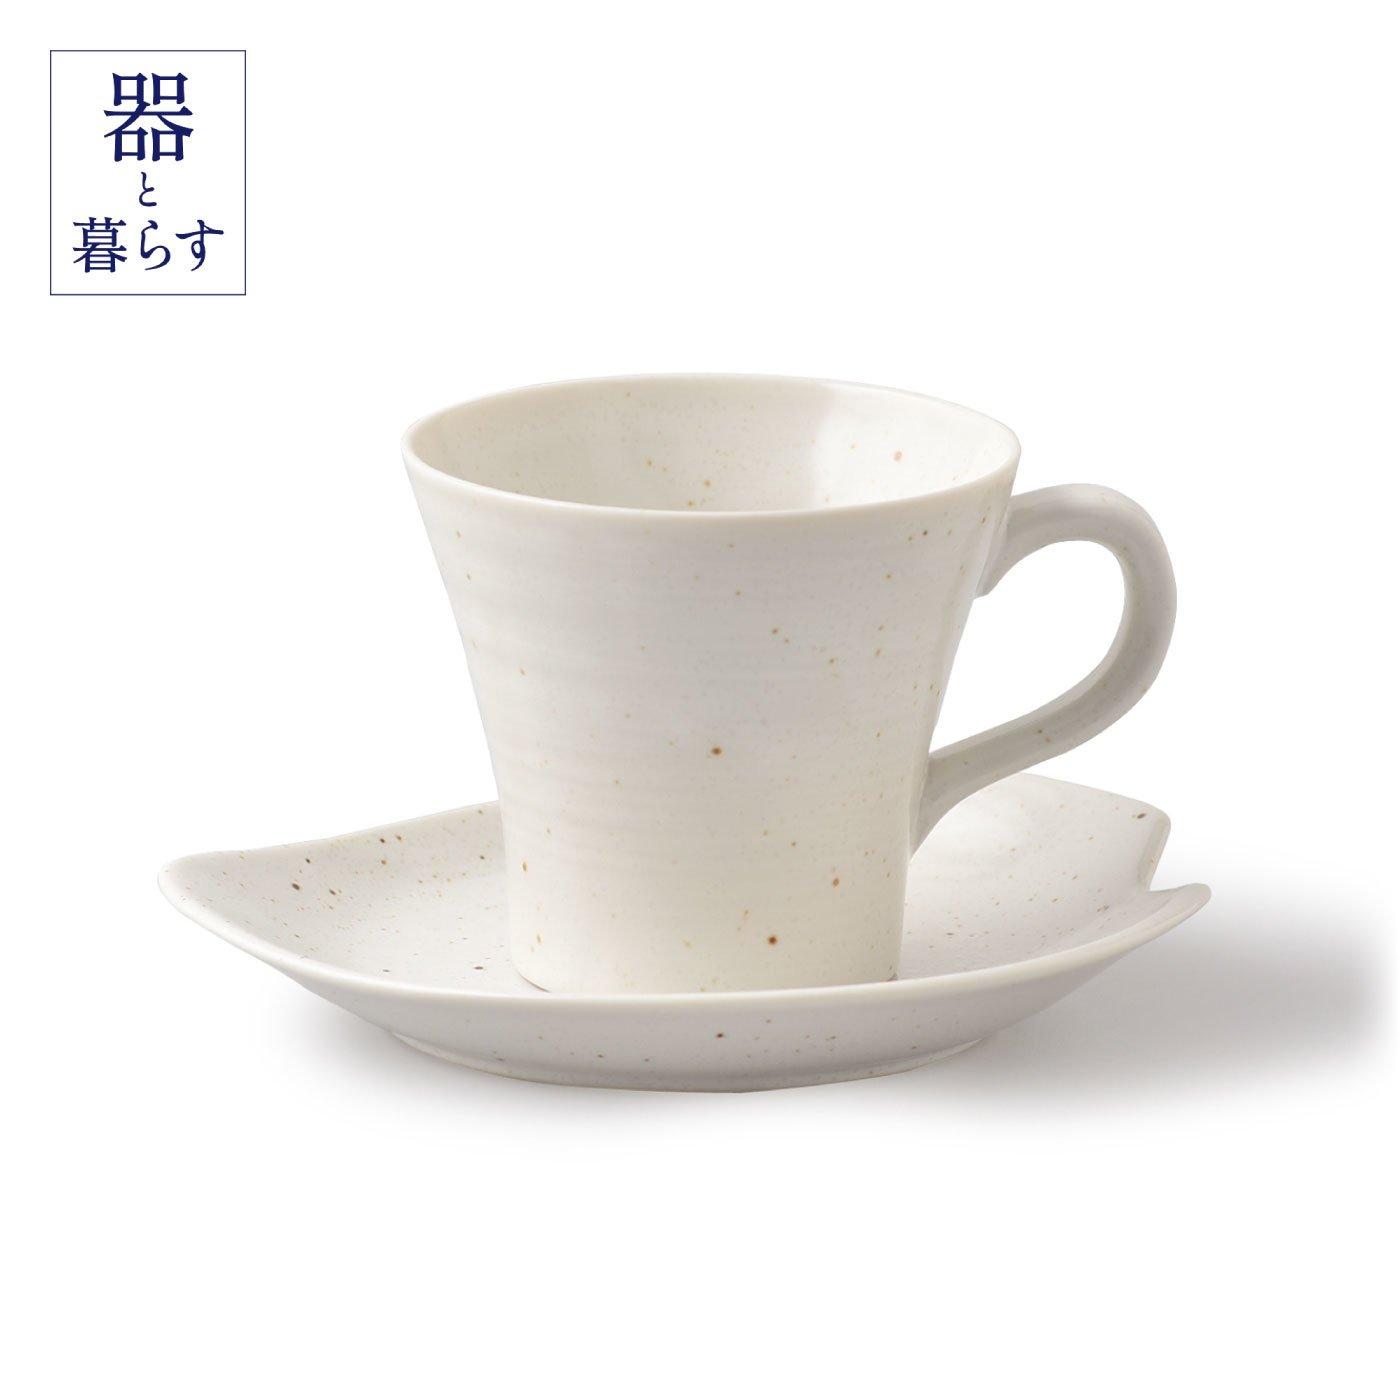 お茶菓子を添えて楽しめる 白備前 珈琲碗皿セット